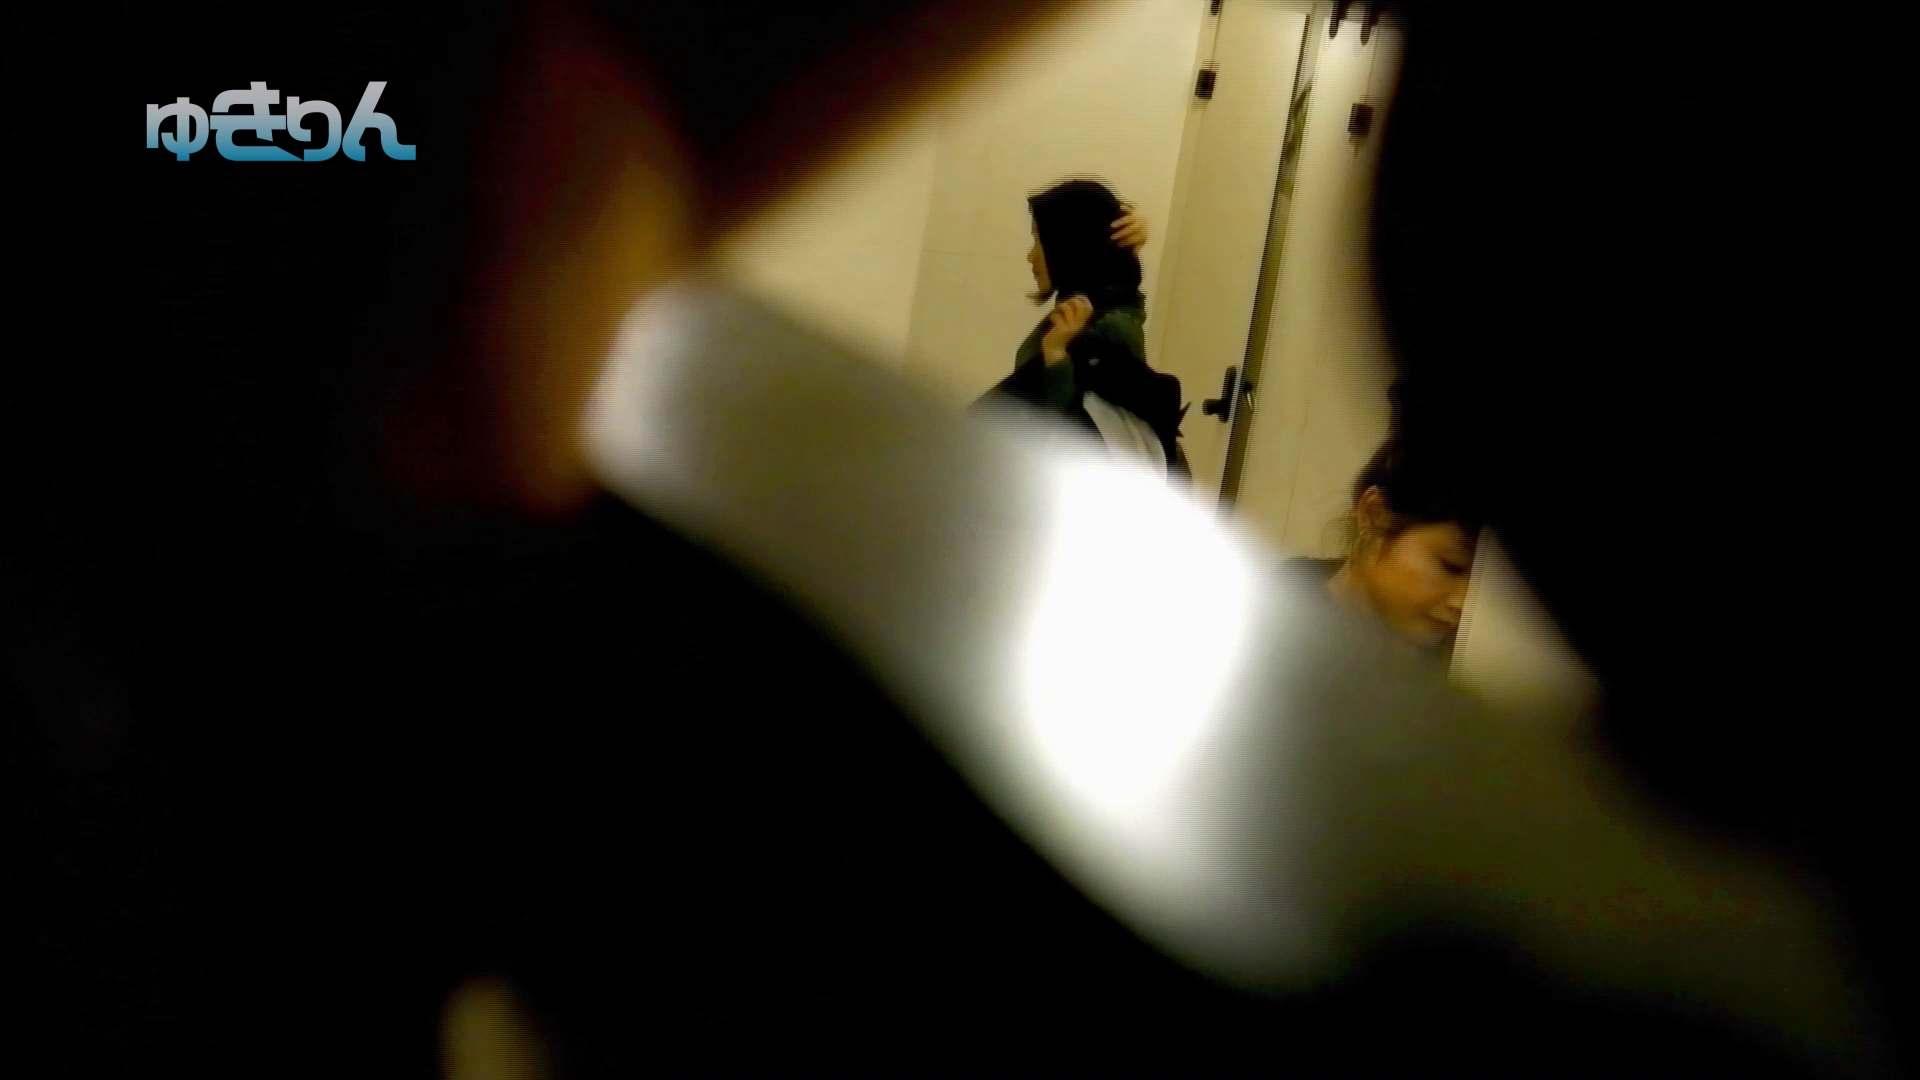 新世界の射窓 無料お試し動画02 お姉さん攻略 ぱこり動画紹介 89画像 58